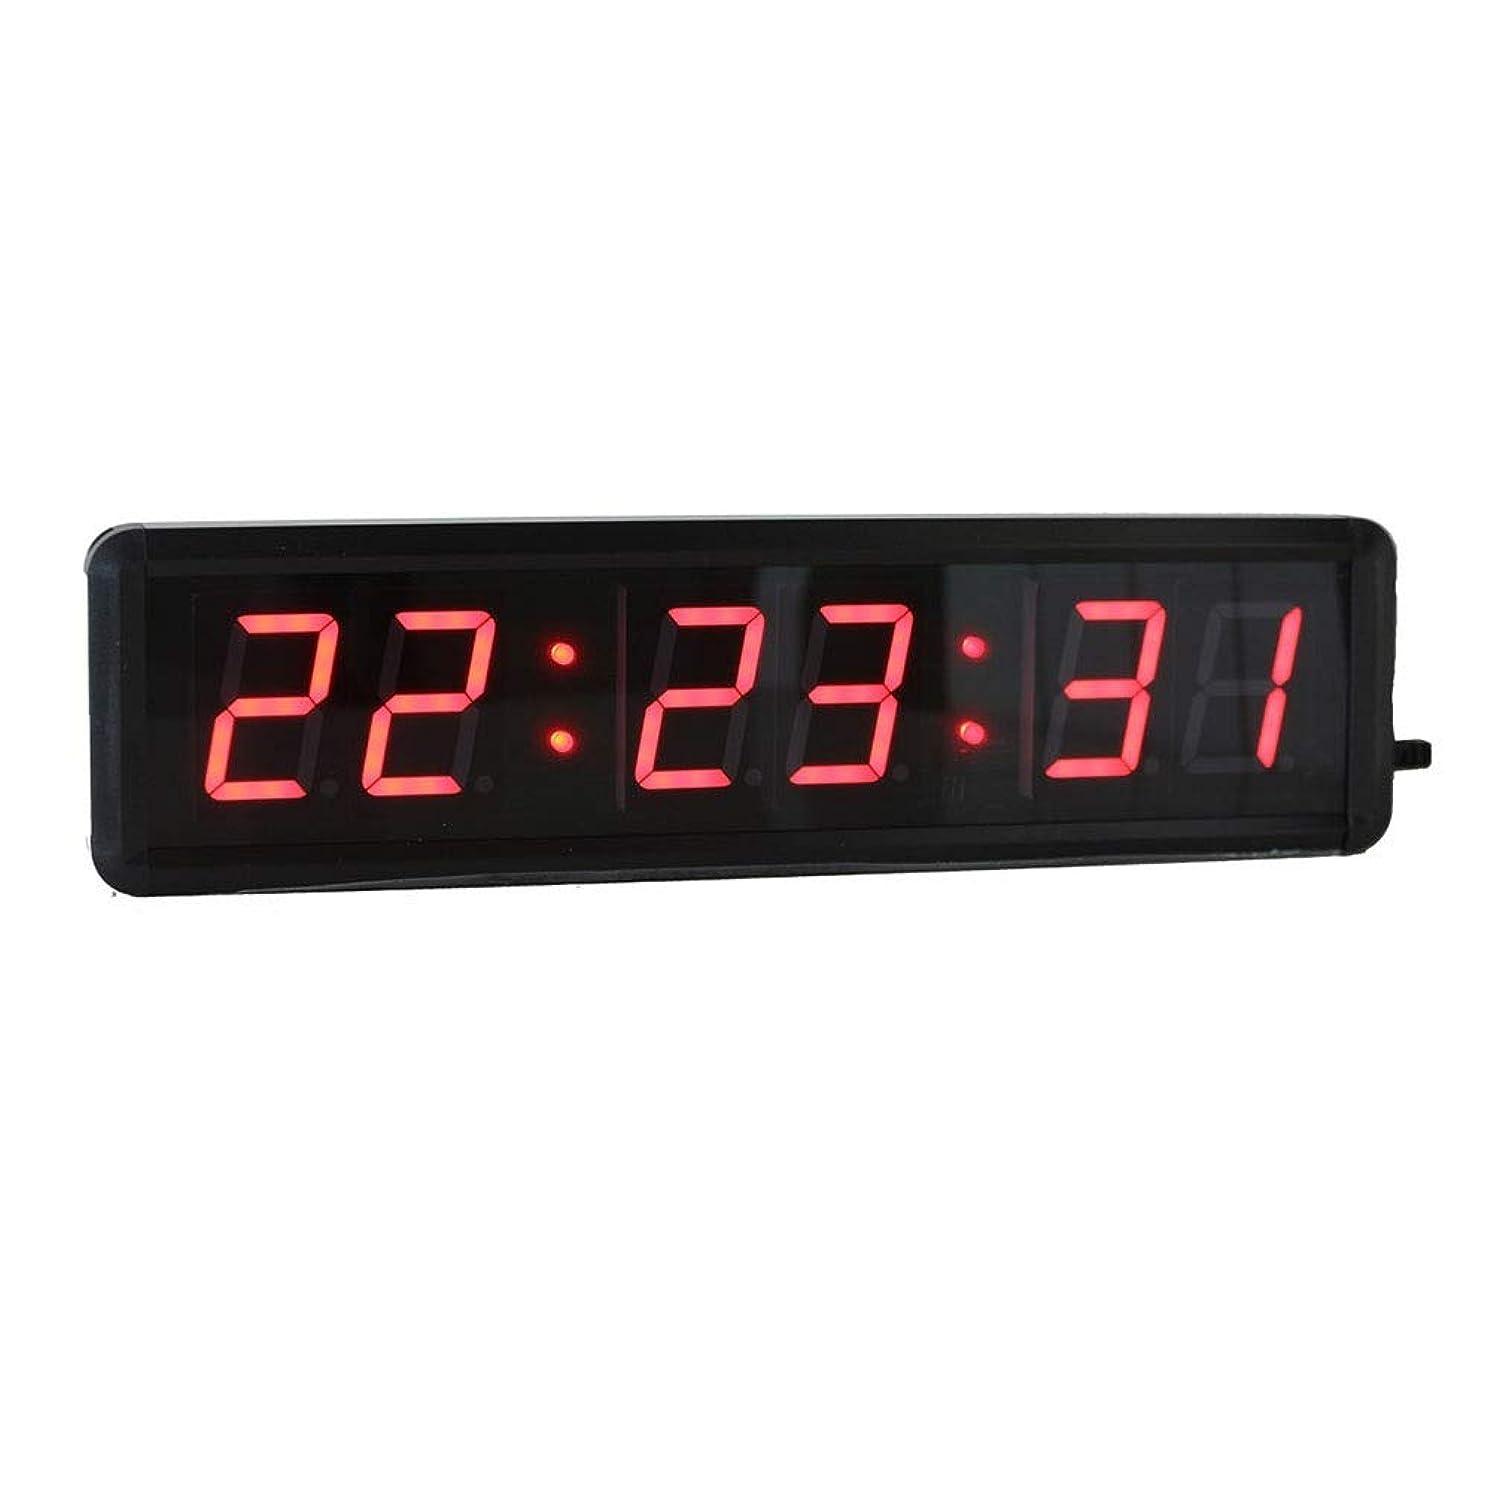 アセ動揺させる好きであるタイマー リモコンフィットネス赤い色で時計ストップウォッチ1.8インチLEDデジタルカウントダウン壁掛け時計カウントダウン/ 桁LEDカウントダウン時間分 (Color : Black, Size : 34x9x3.5cm)